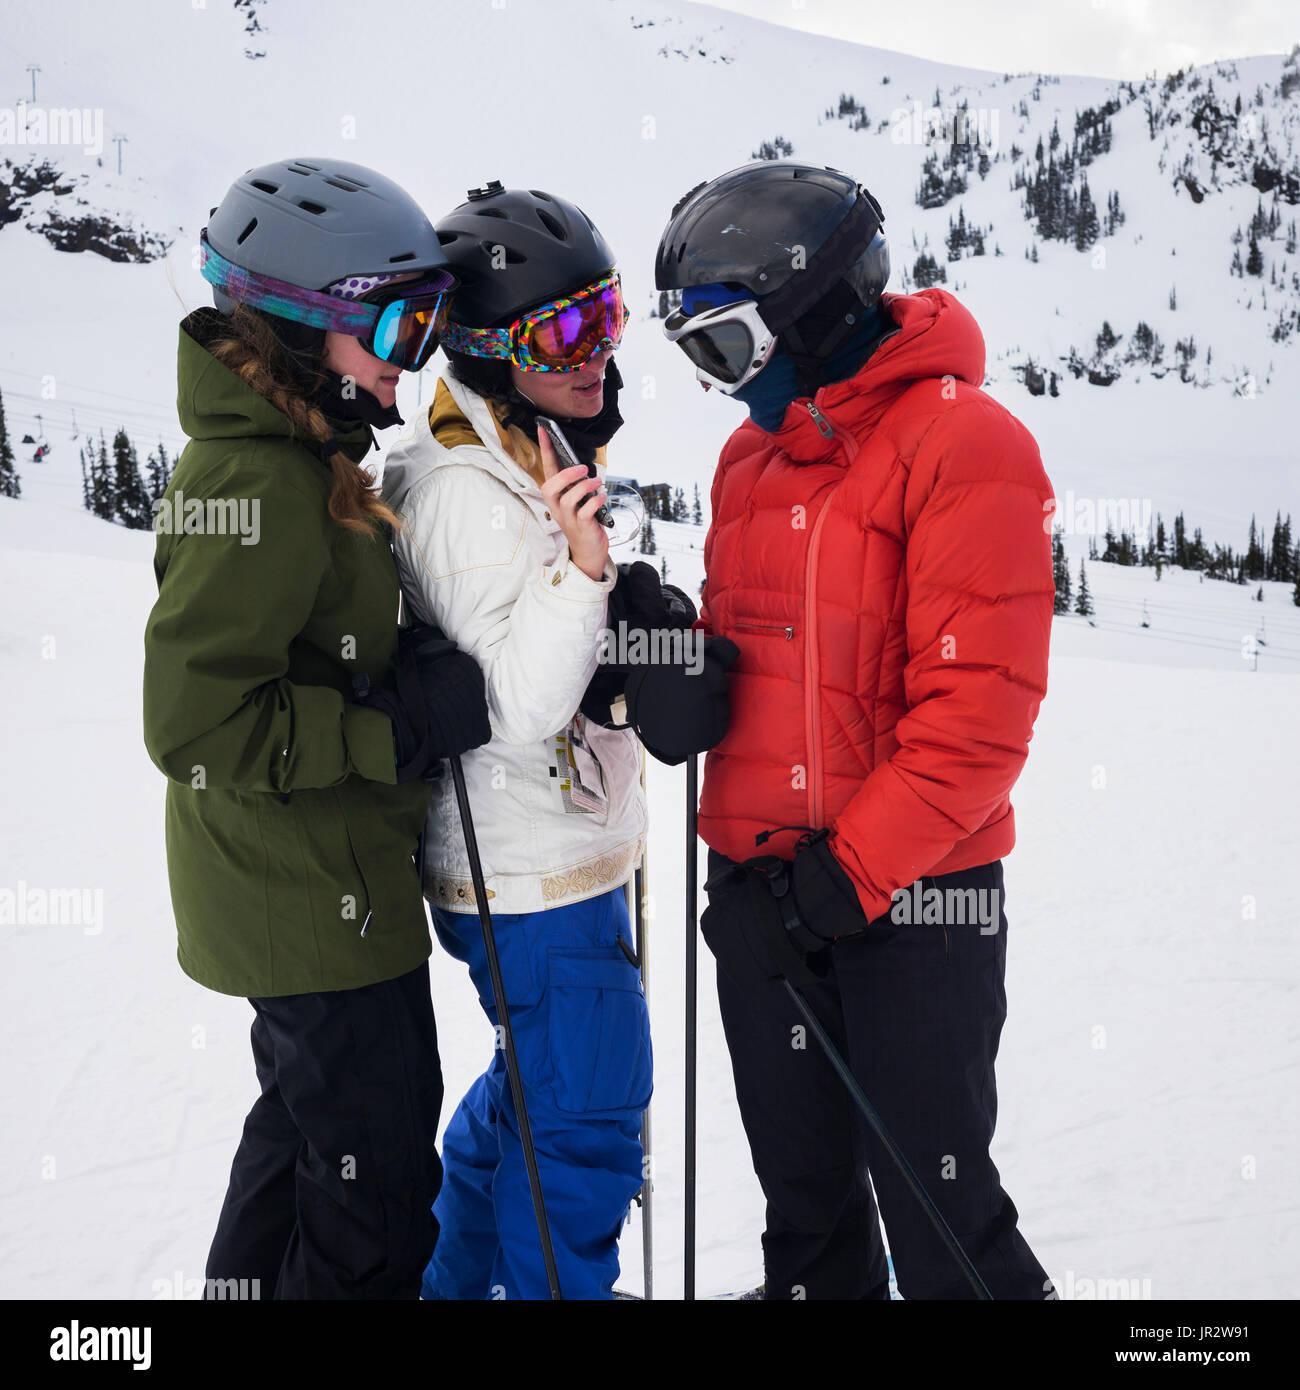 Tre giovani donne adulte alla ricerca di un telefono cellulare in posizione eretta e pronto per sciare in una località sciistica; Whistler, British Columbia, Canada Immagini Stock